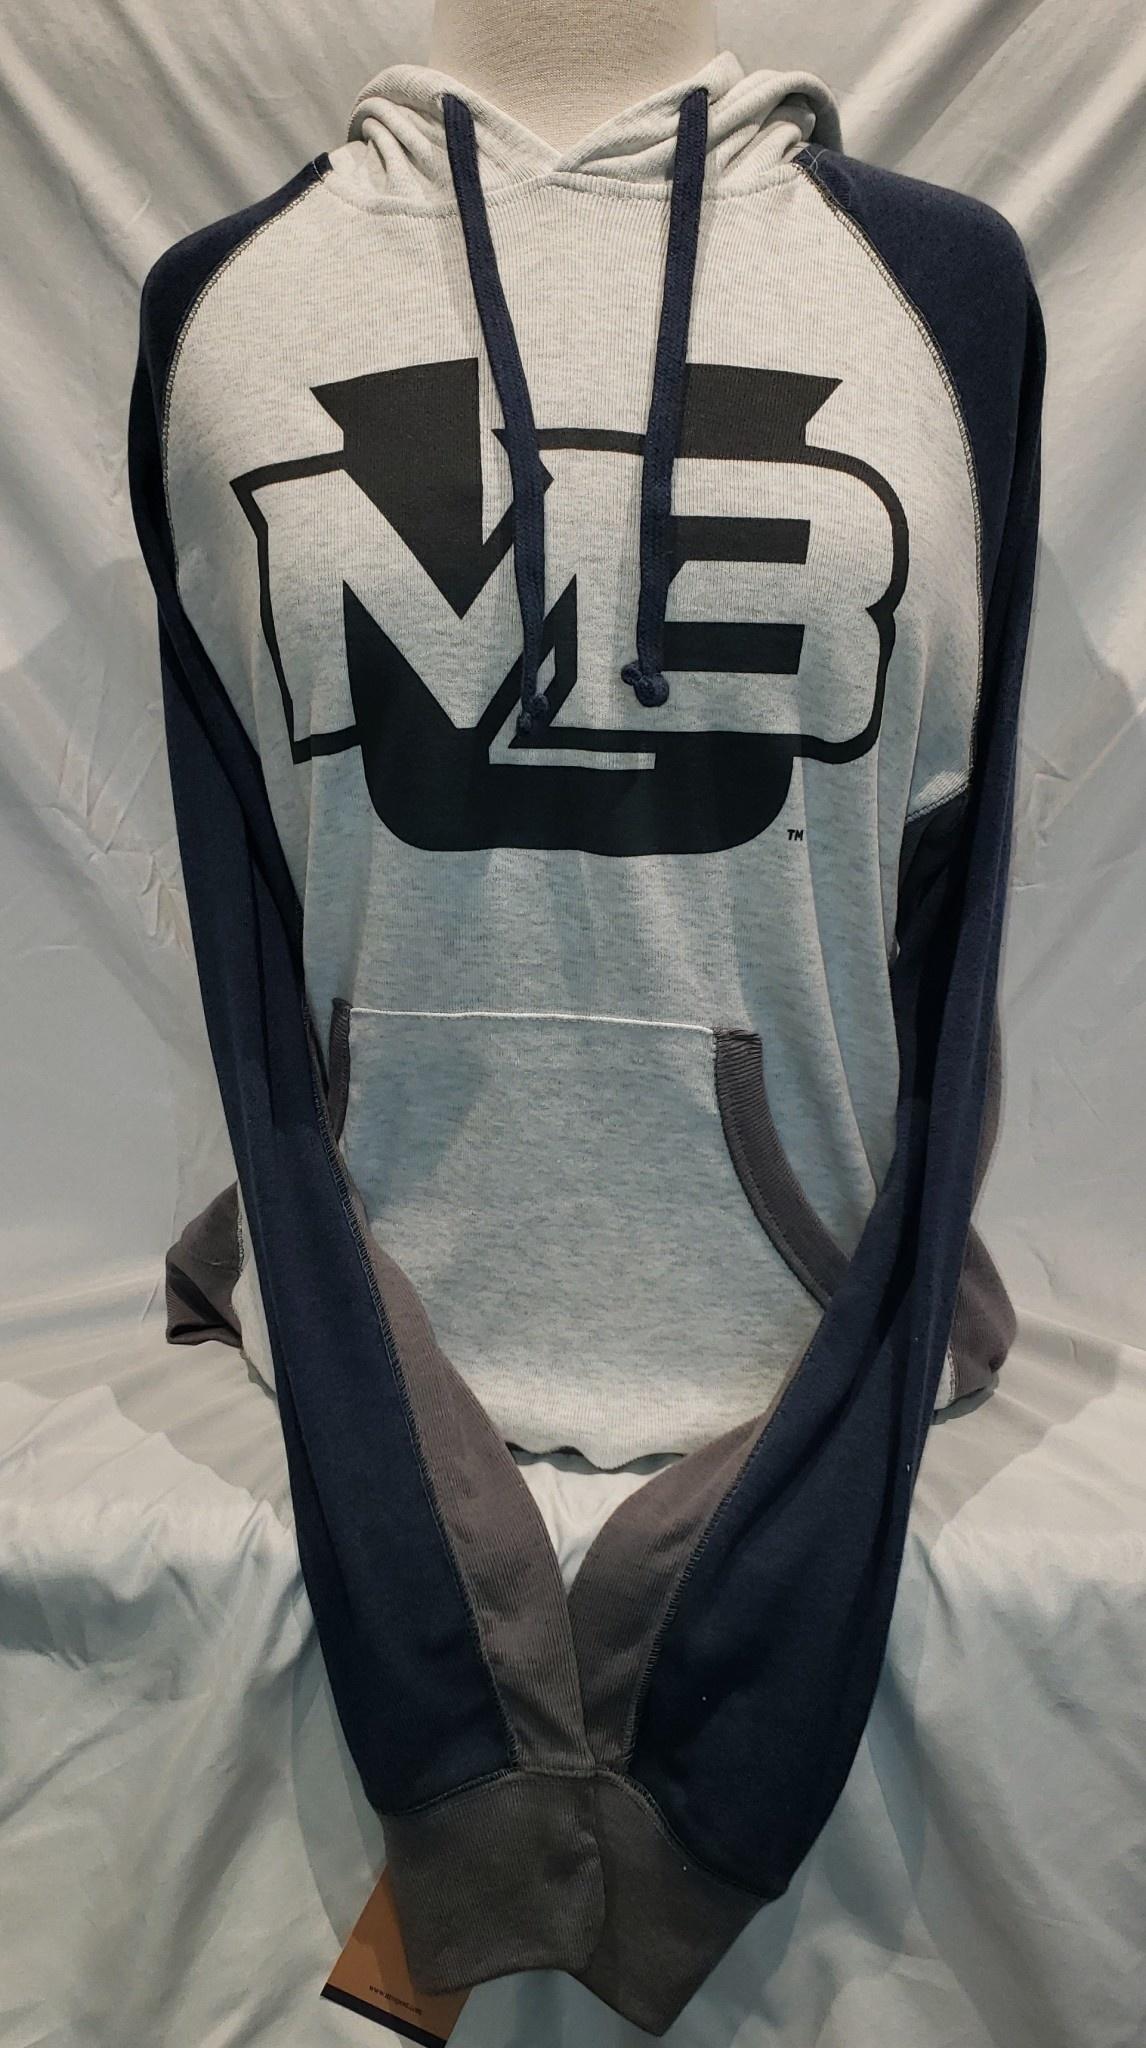 MV MV Peppered Fleece Hoodie with MBU